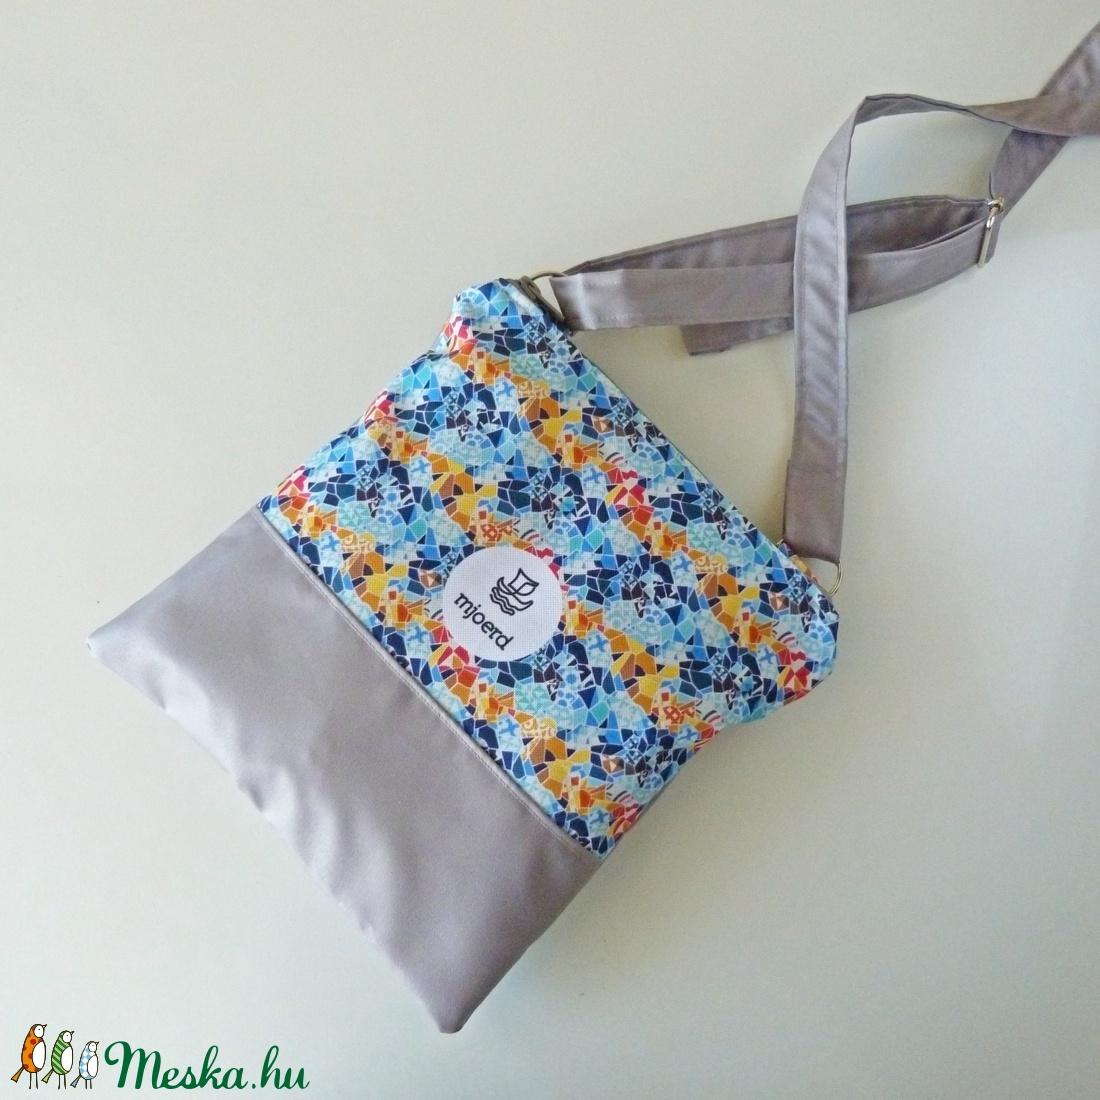 Válltáska/oldaltáska - Barcelona kollekció - táska & tok - kézitáska & válltáska - vállon átvethető táska - Meska.hu